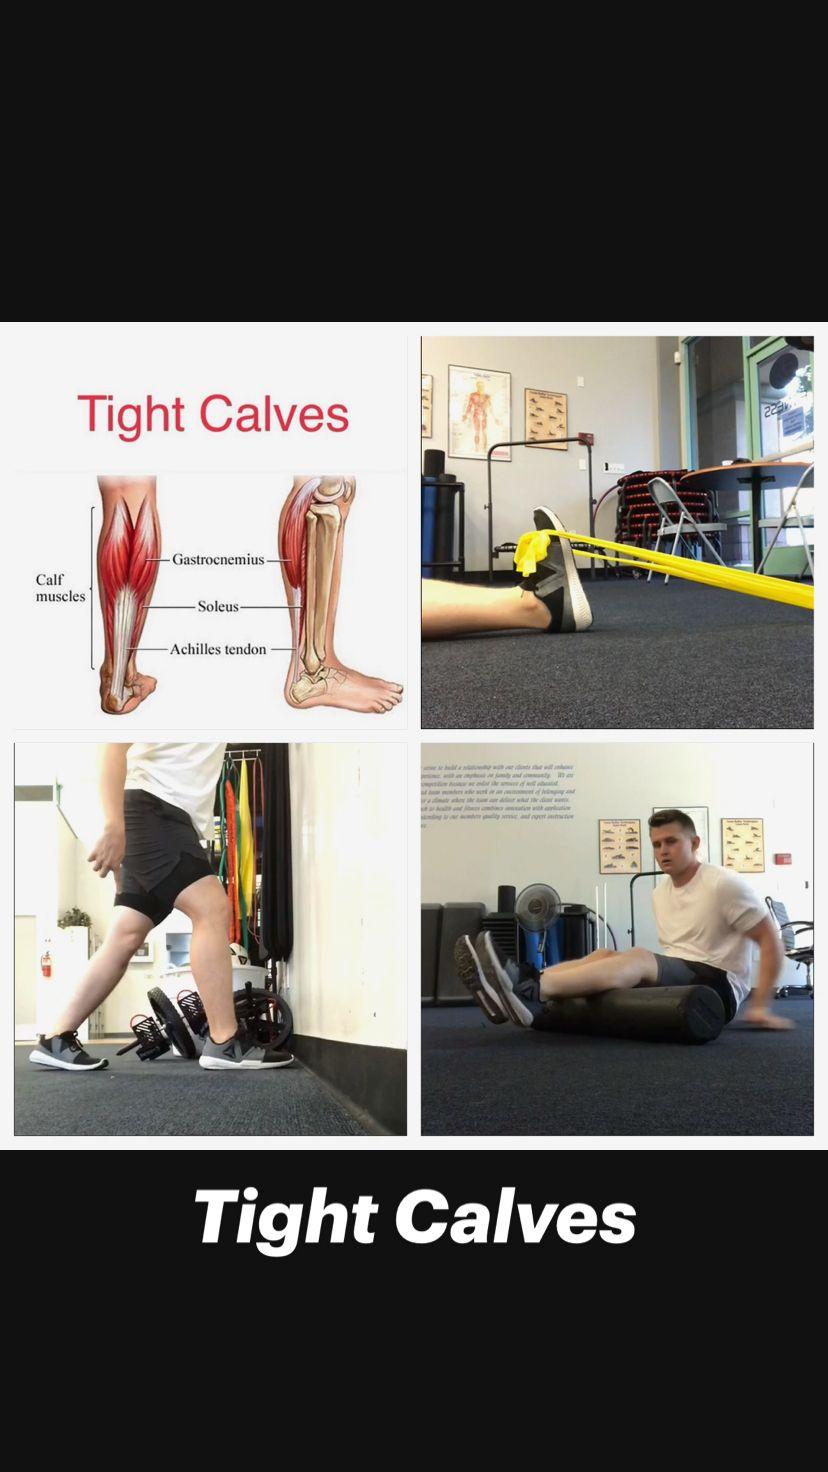 Tight Calves